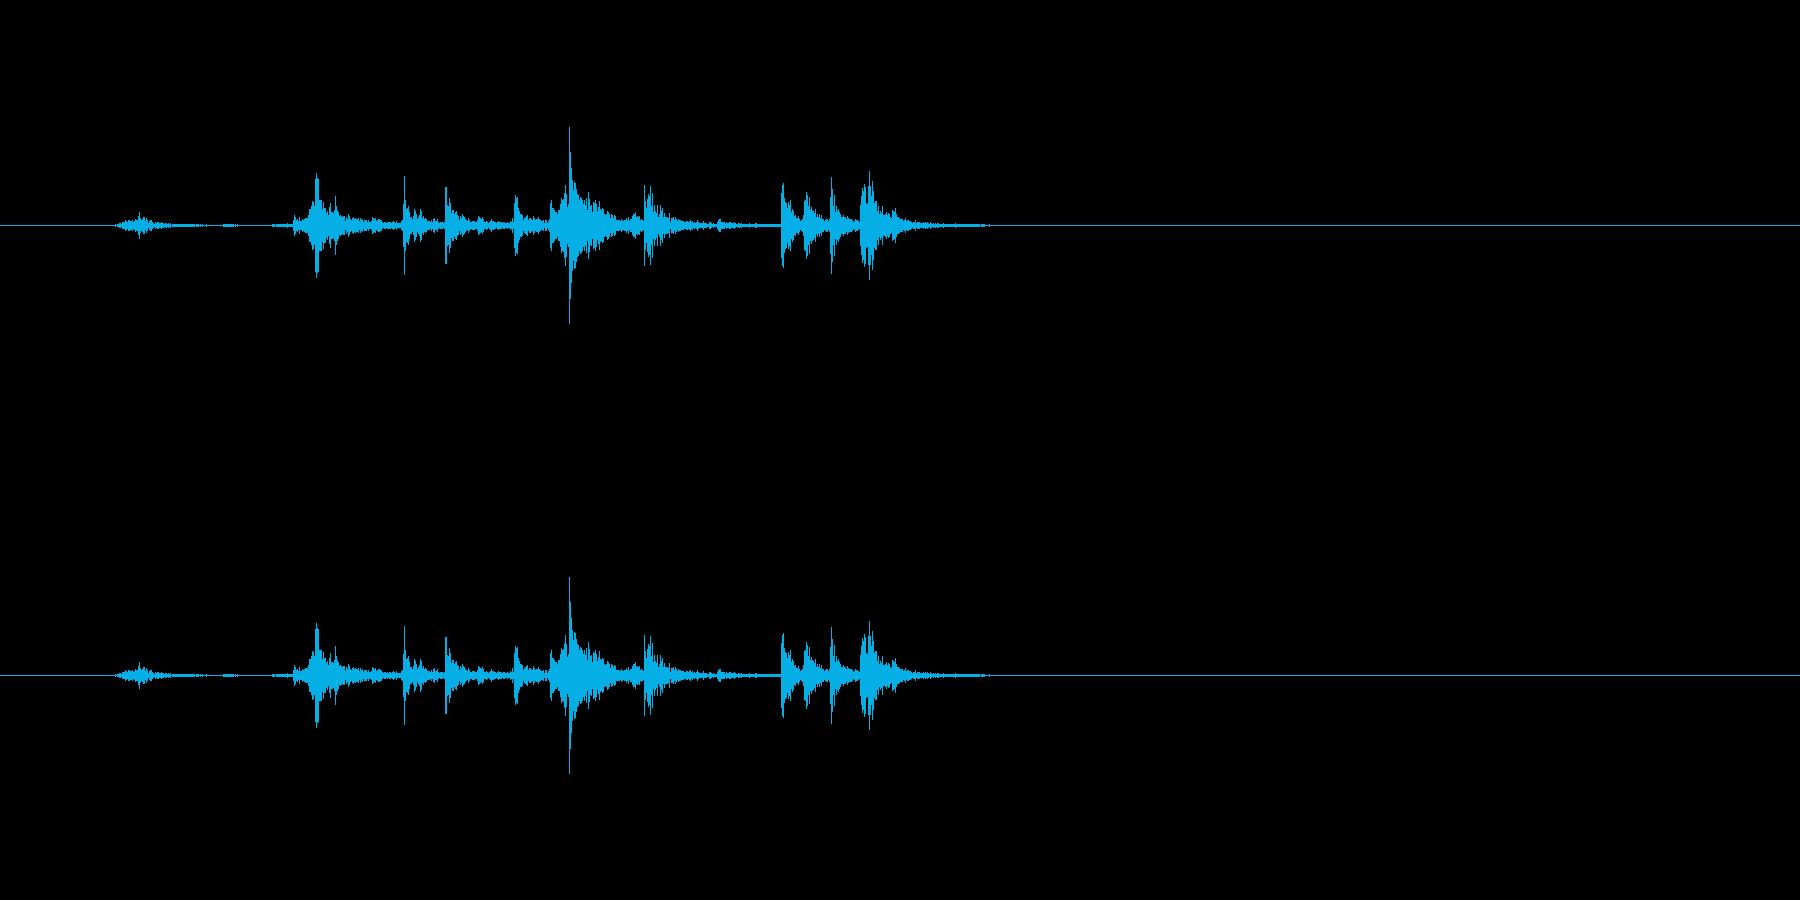 【筆箱01-1(開ける)】の再生済みの波形